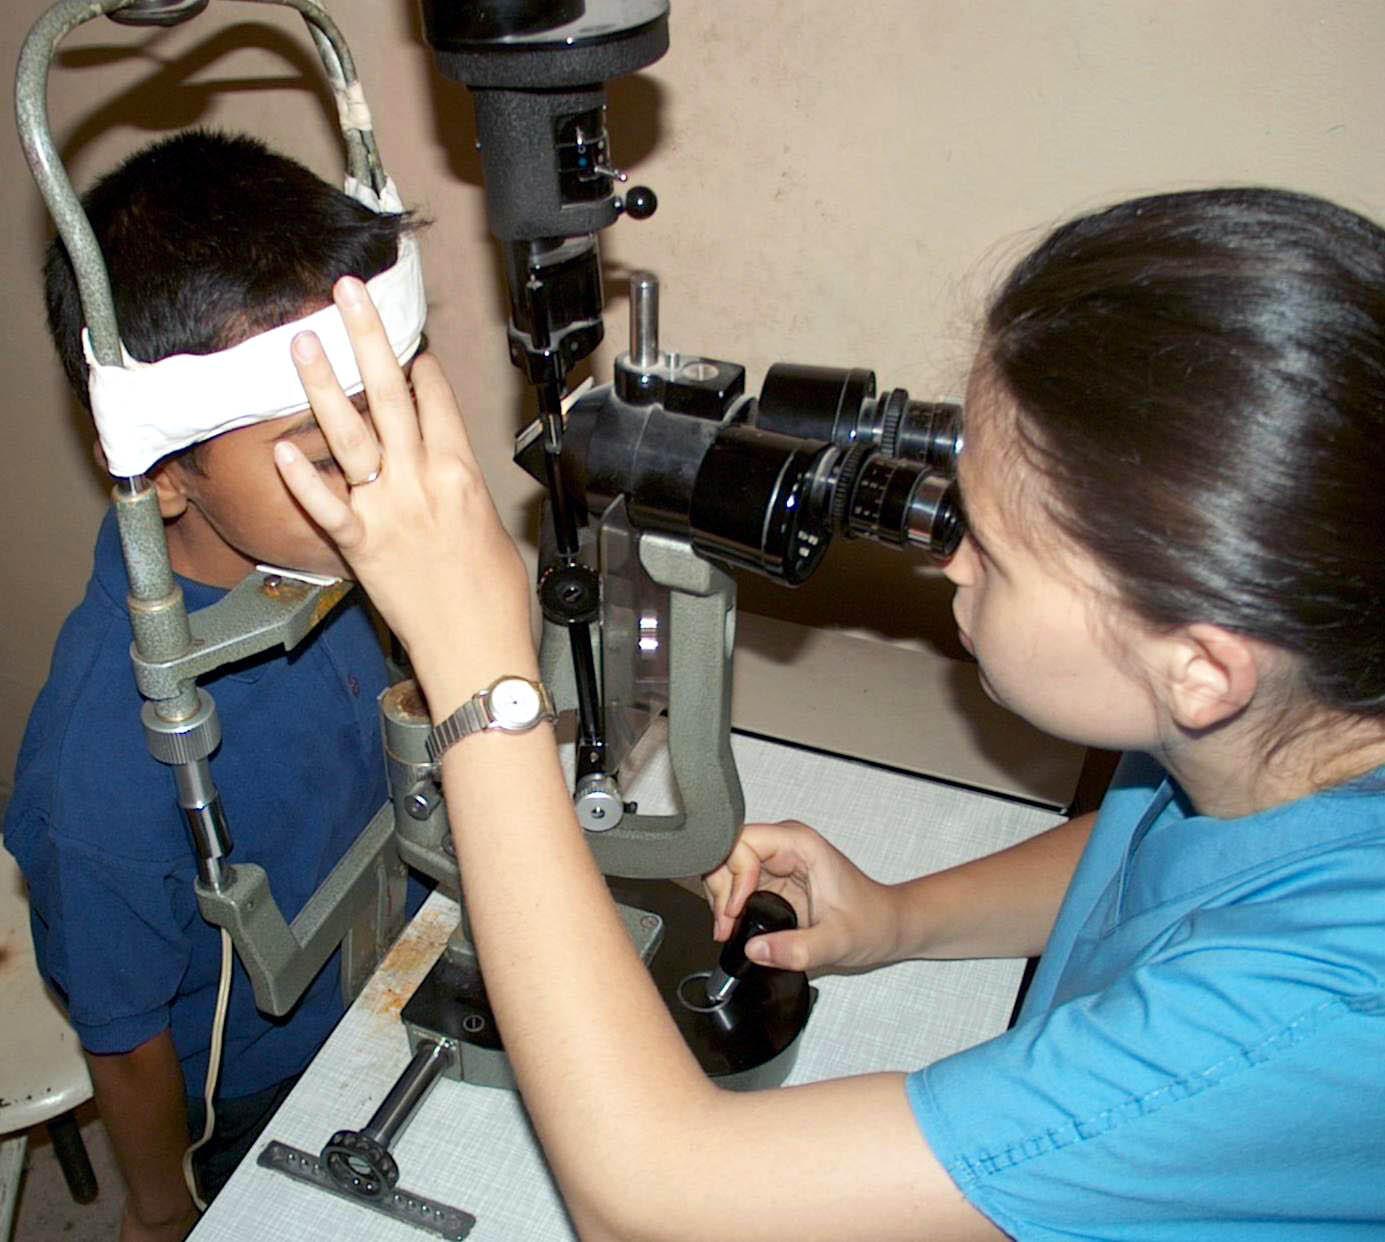 Primaria Municipiului Bucureşti: Consultaţii oftalmologice gratuite pentru copii pe toată perioada verii